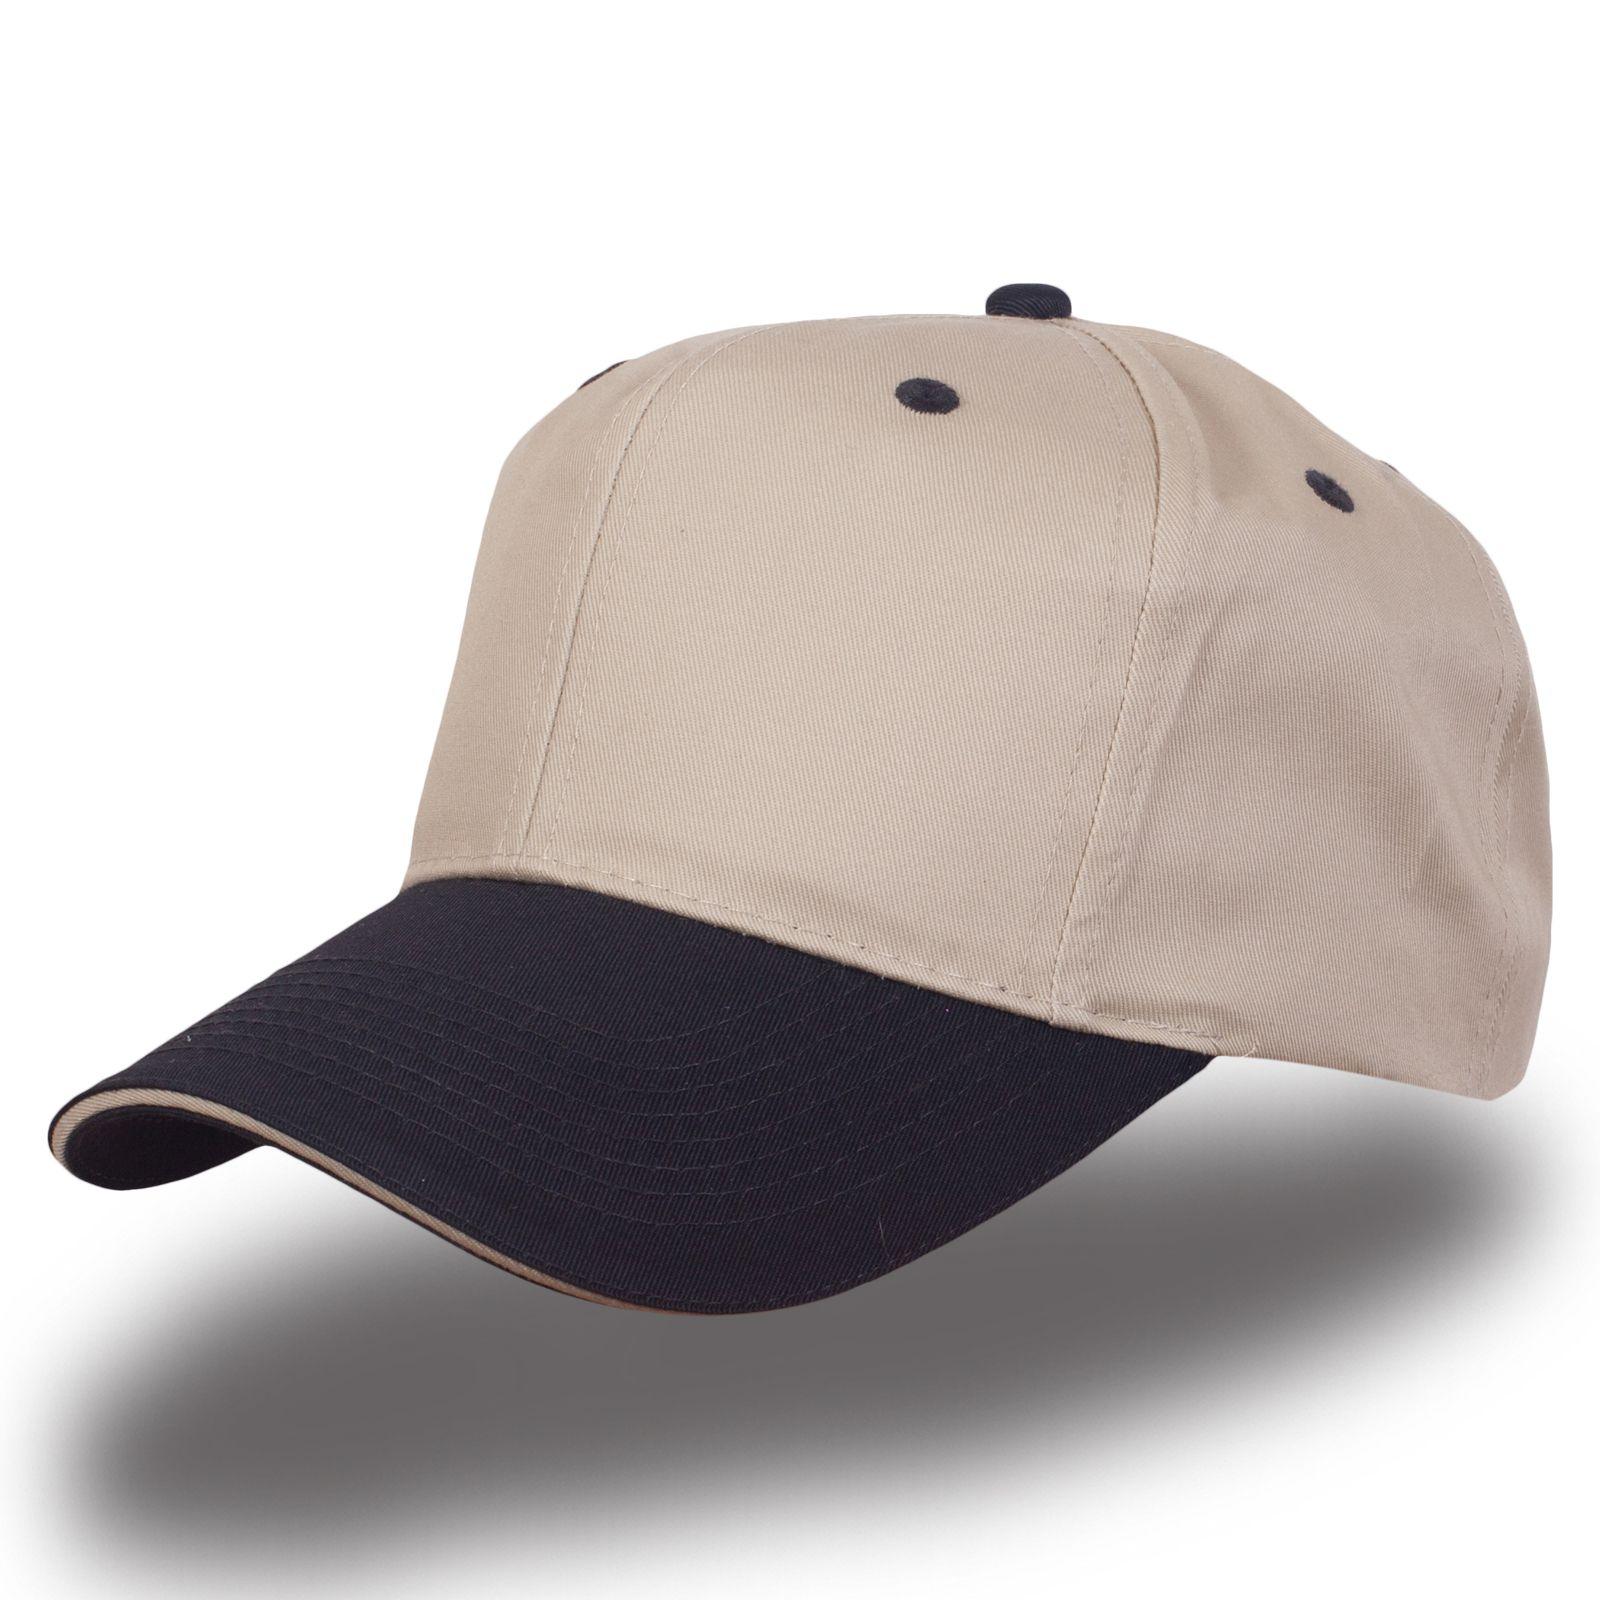 Кепка бейсболка - купить в интернет-магазине с доставкой